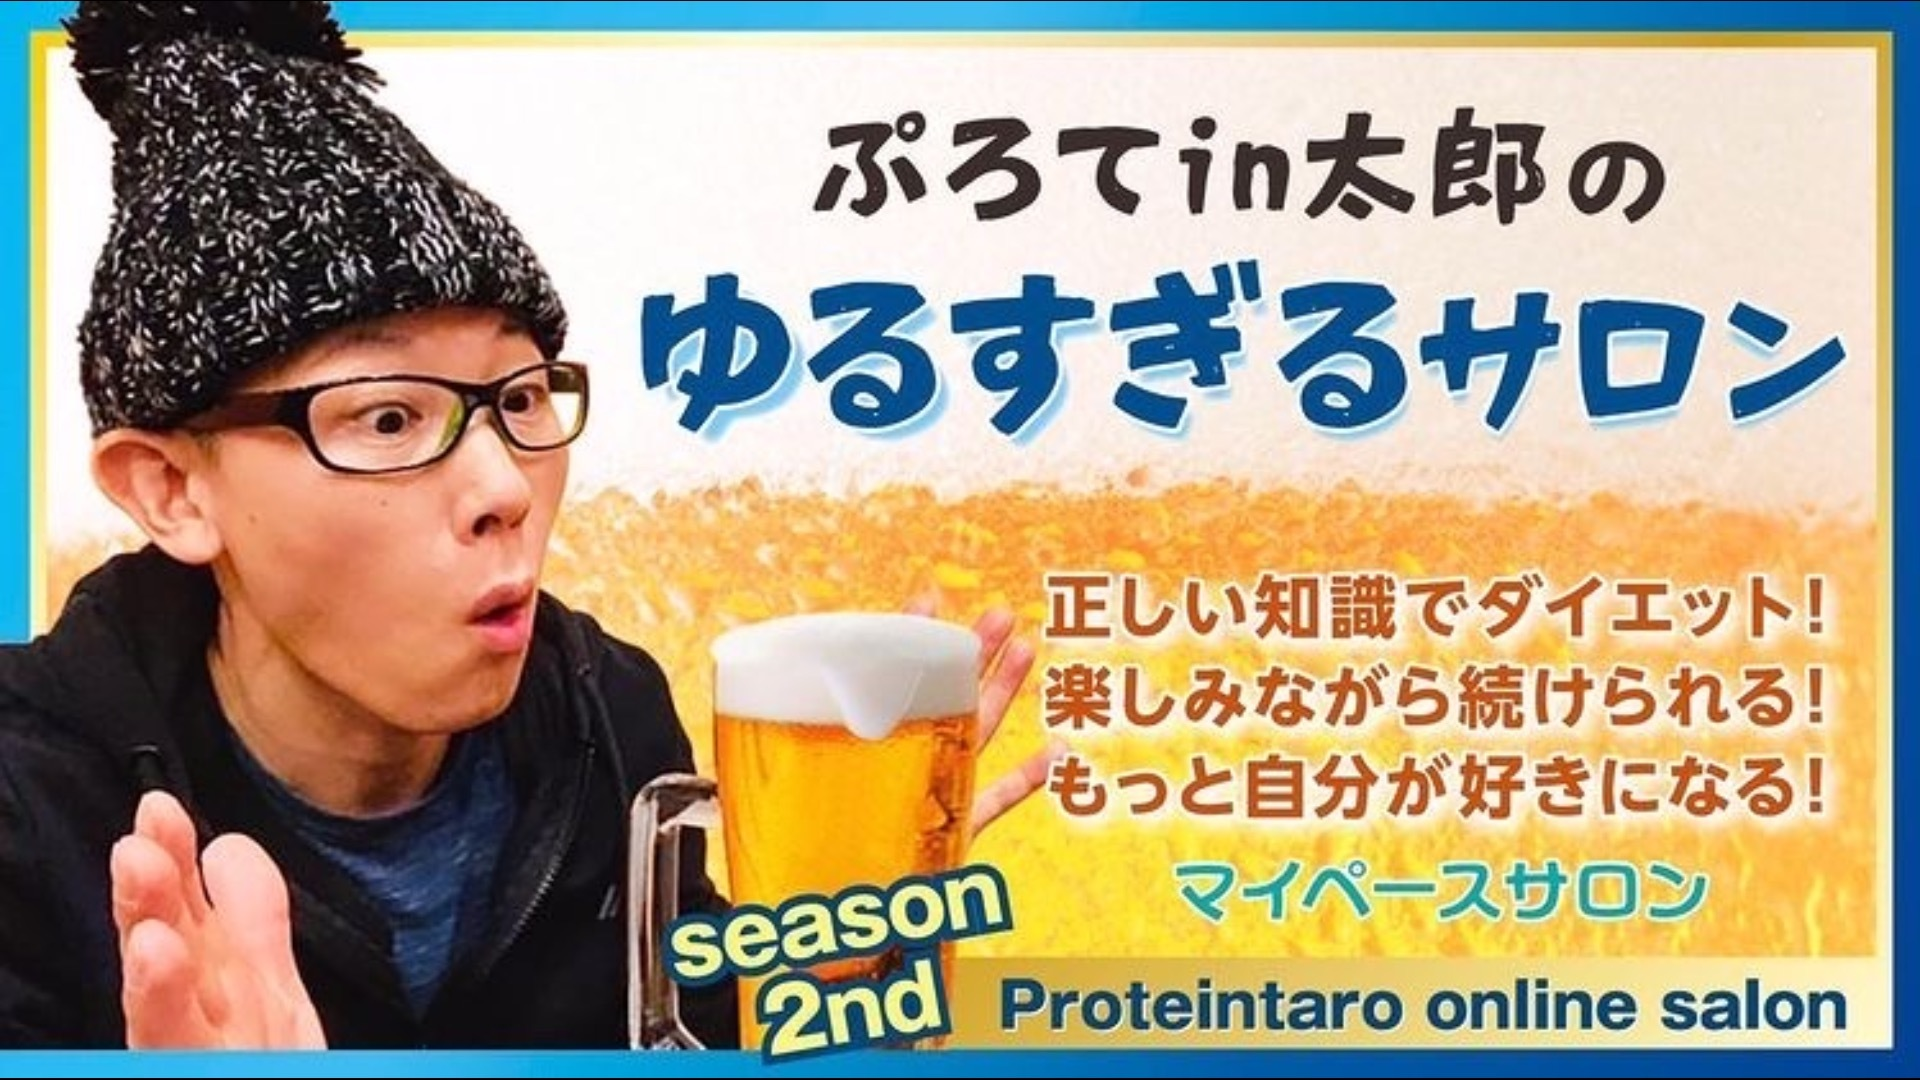 ぷろてin太郎 - ぷろてin太郎のゆるすぎるサロン - DMM オンラインサロン